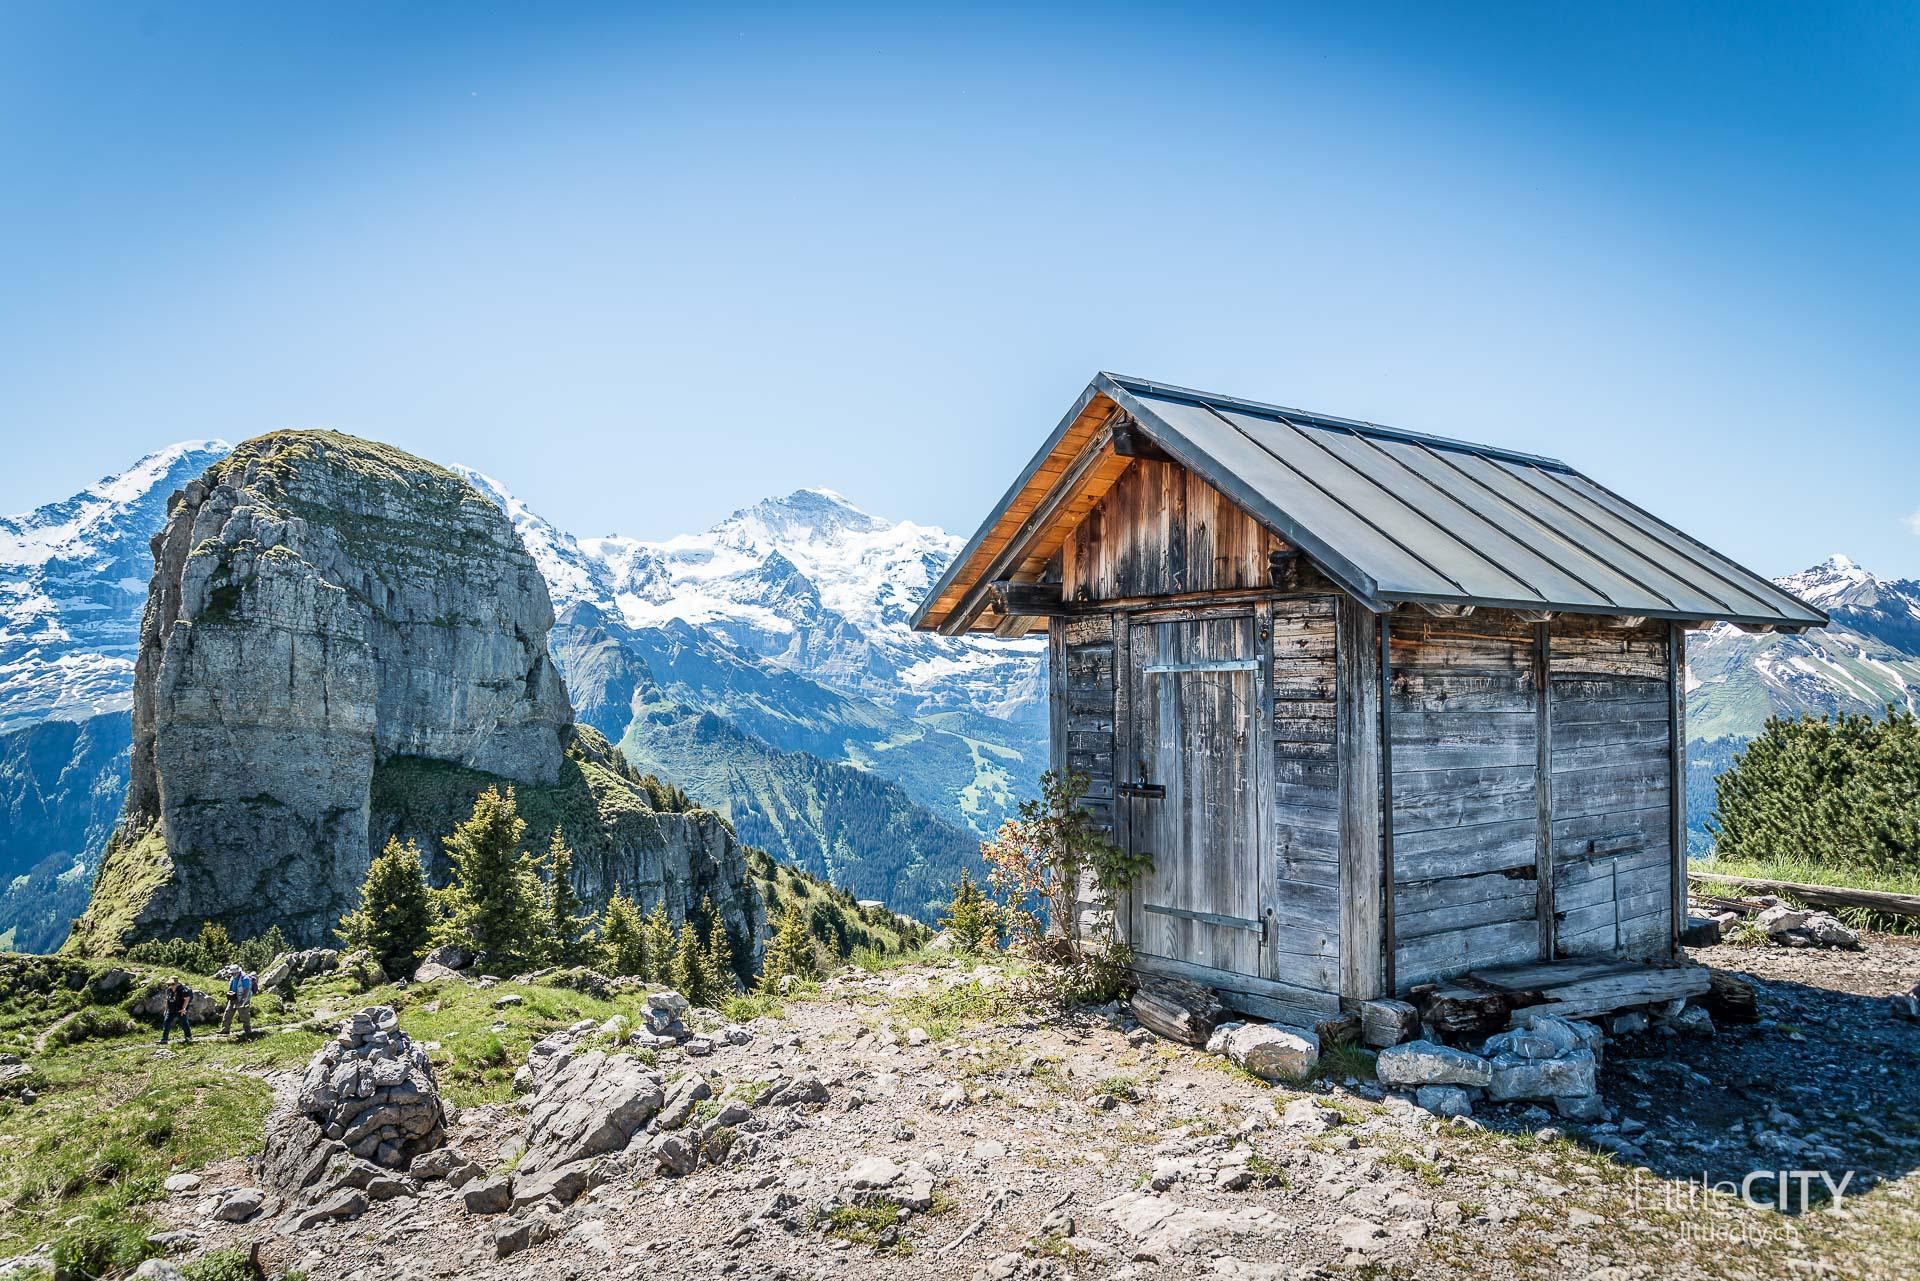 Schynige Platte Wanderung Jungfrau Bahnen LittleCITY-13